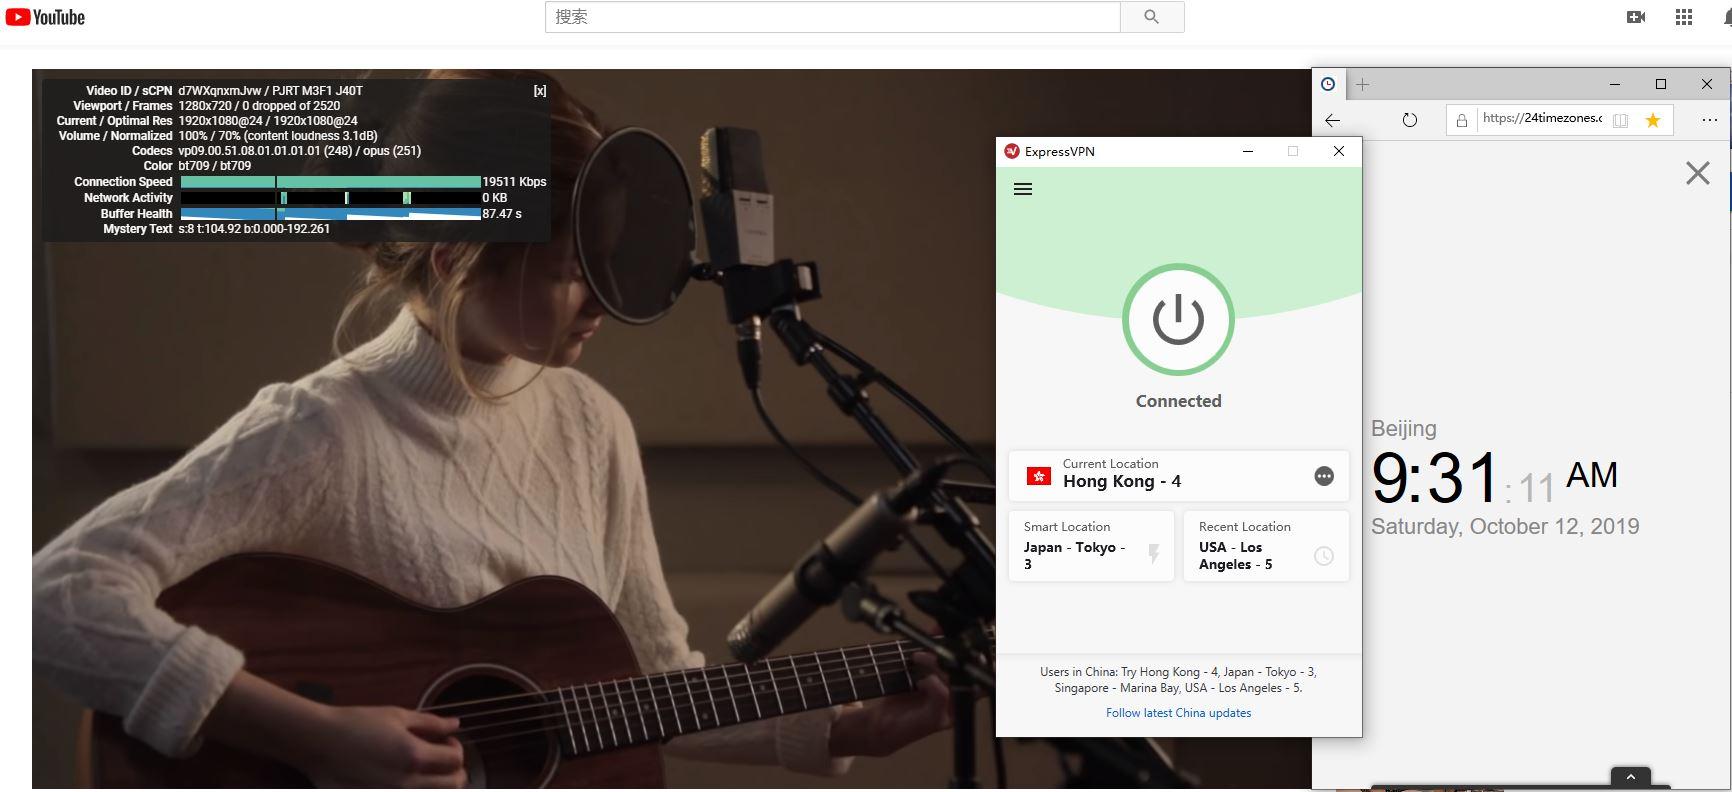 Windows ExpressVPN Hong Kong - 4 中国VPN翻墙 科学上网 YouTube测速 - 20191012